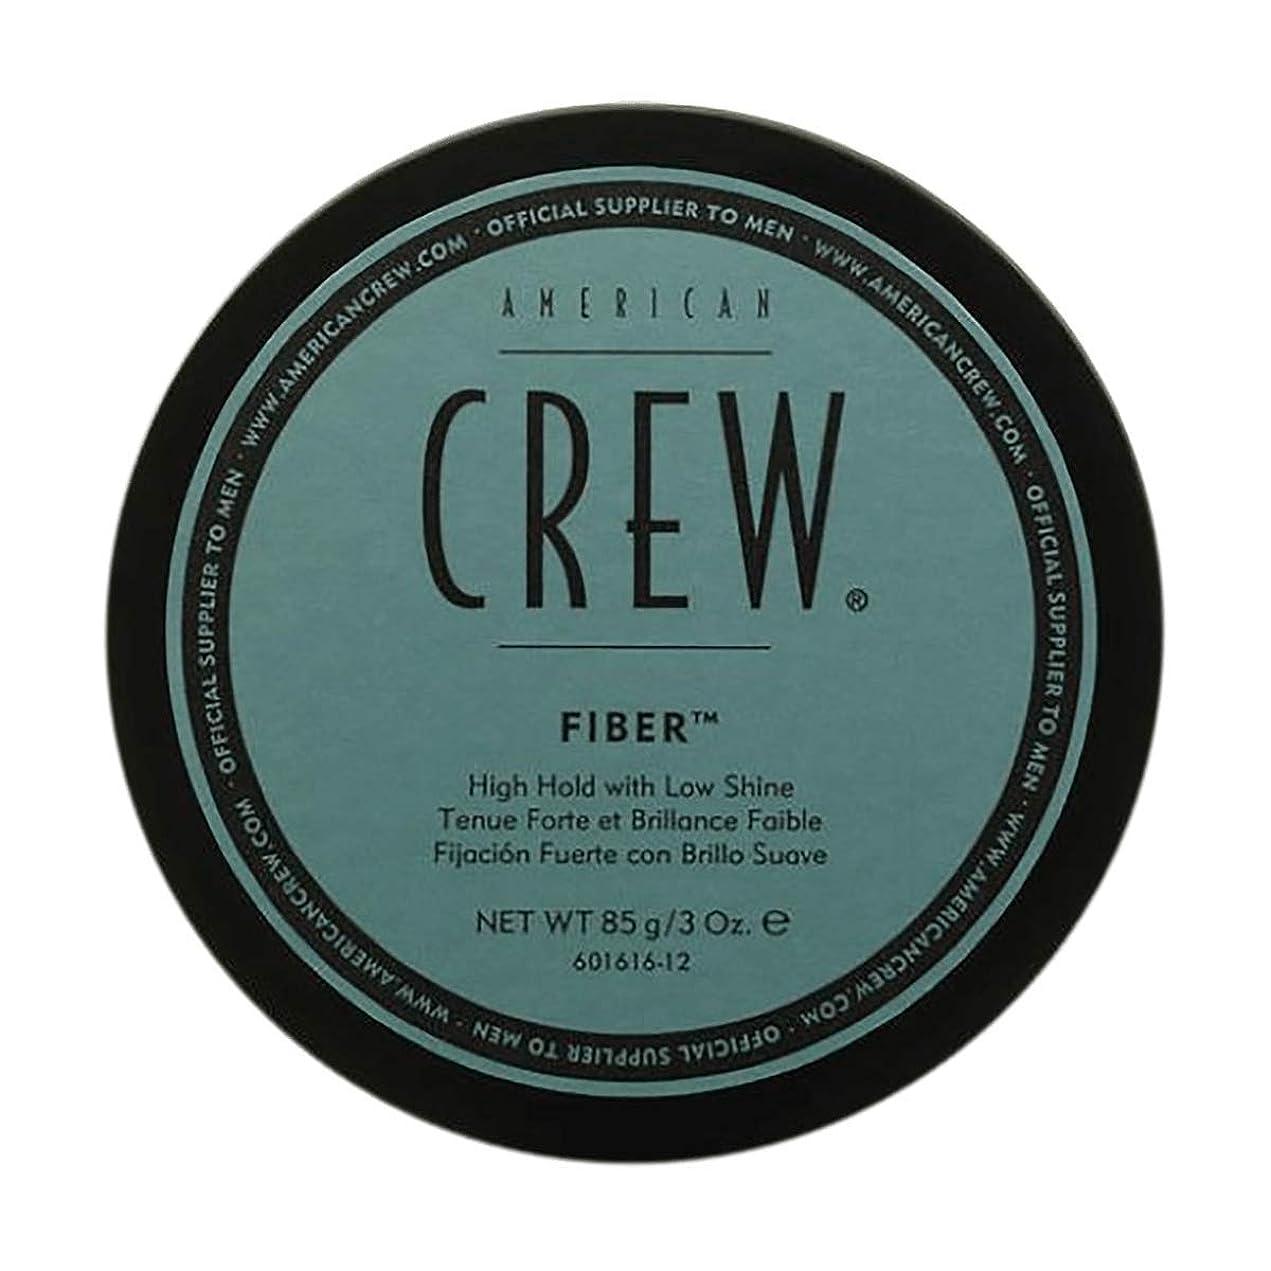 ぼんやりした失業者遊び場アメリカンクルー クラシック ファイバー American Crew Fiber 85g [並行輸入品]